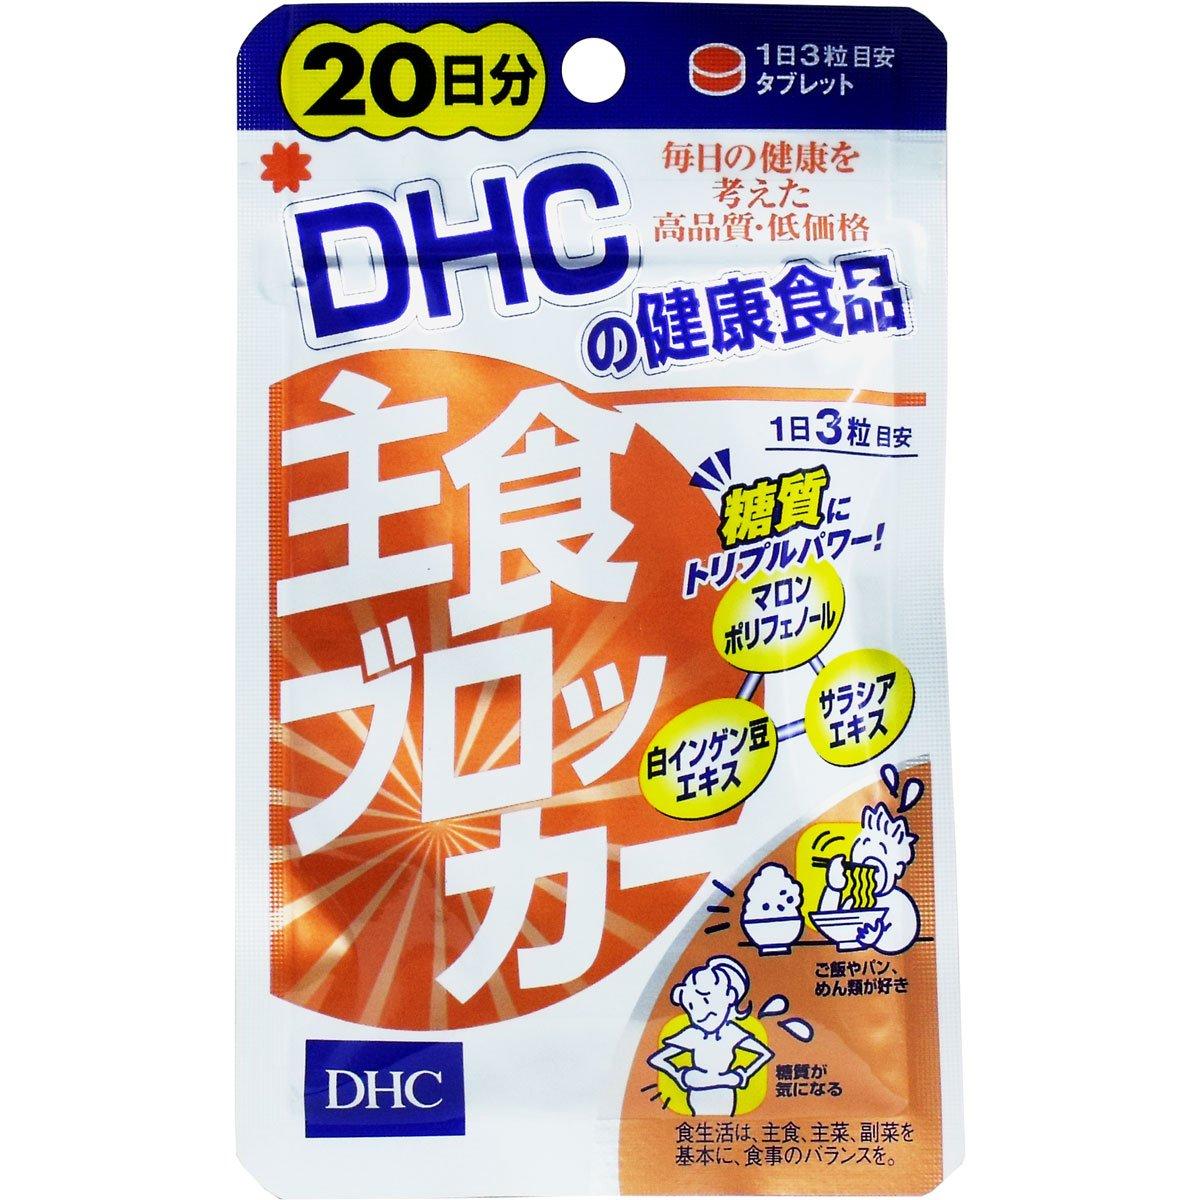 国内初の直営店 お得な6個セット 炭水化物が好きな方へオススメ DHC 主食ブロッカー B00SL0QUA0 20日分(60粒) B00SL0QUA0, 神戸風月堂:02ccb9b1 --- arianechie.dominiotemporario.com